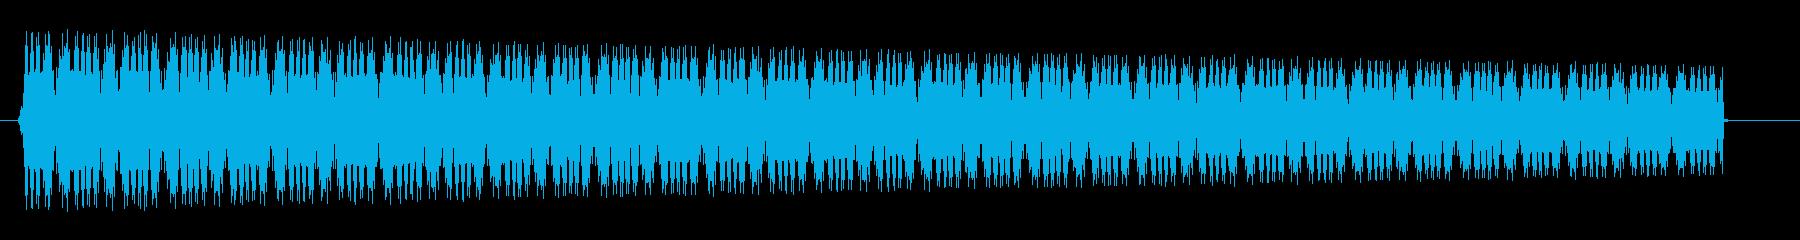 ピヨピヨピヨ(おもちゃの光線銃)の再生済みの波形